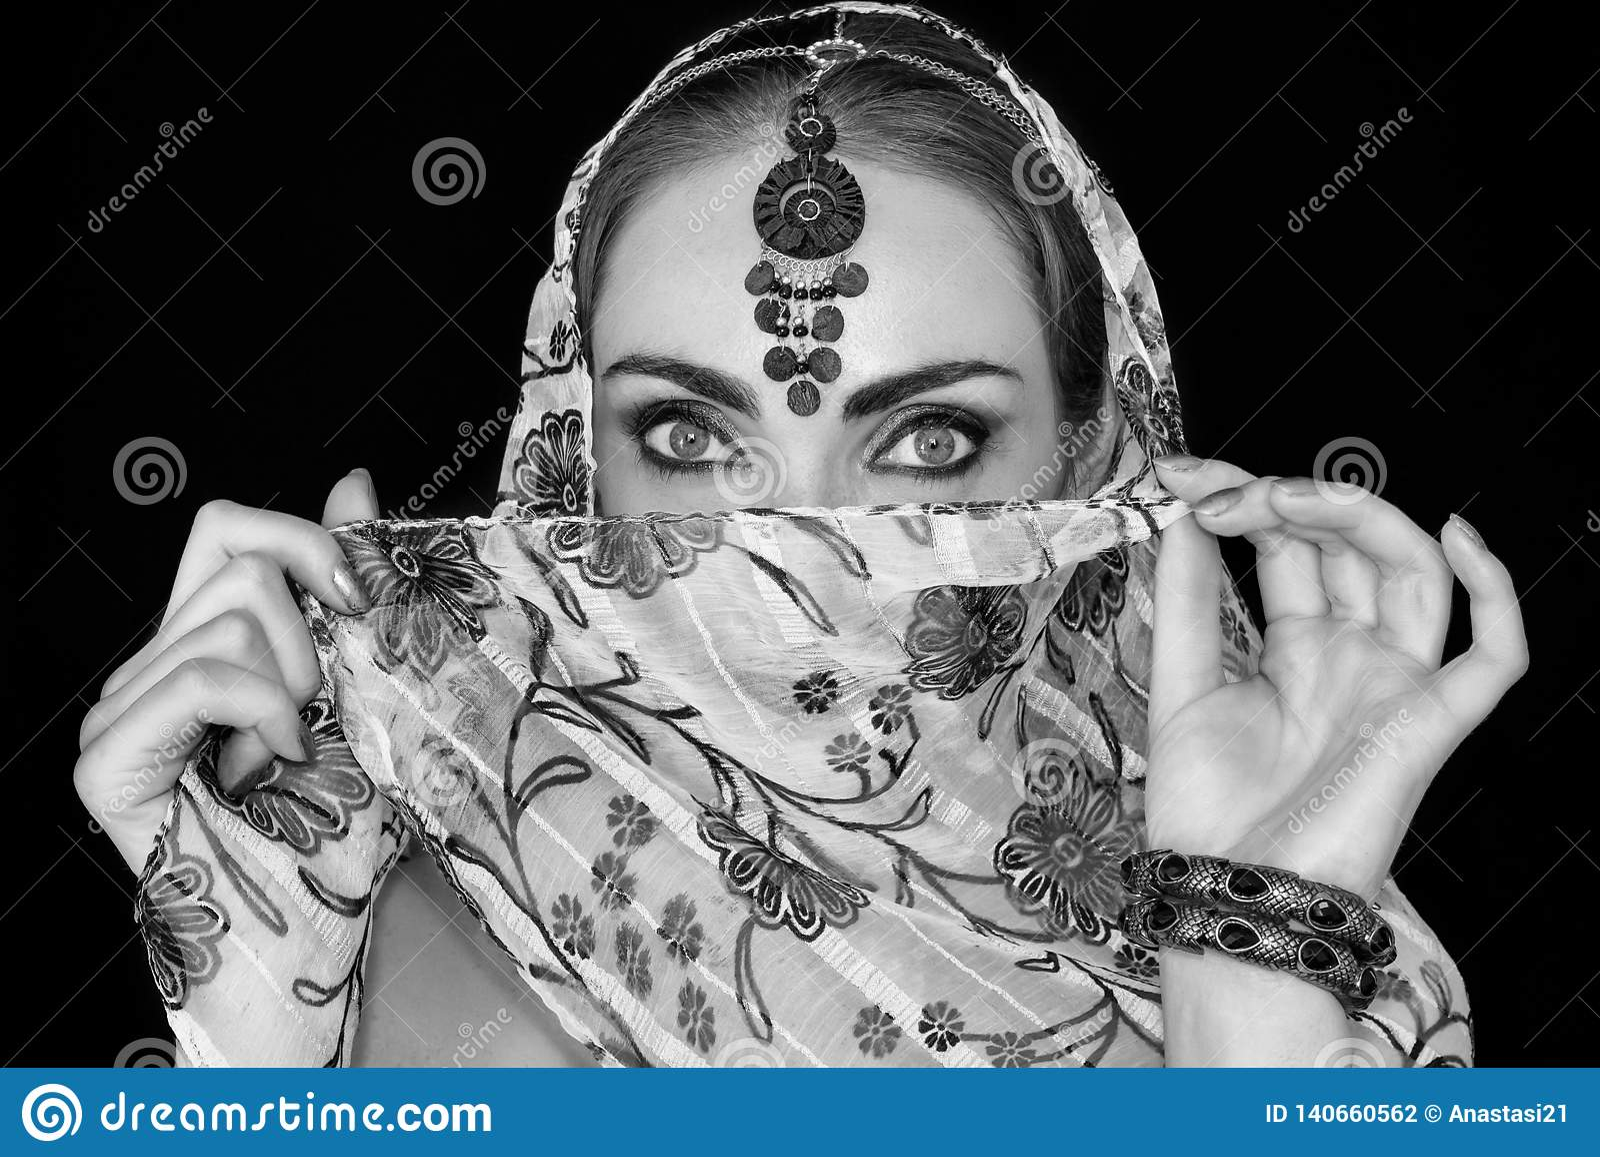 Stående av en orientalisk ung kvinna i en halsduk med en prydnad och juvlar i svartvitt